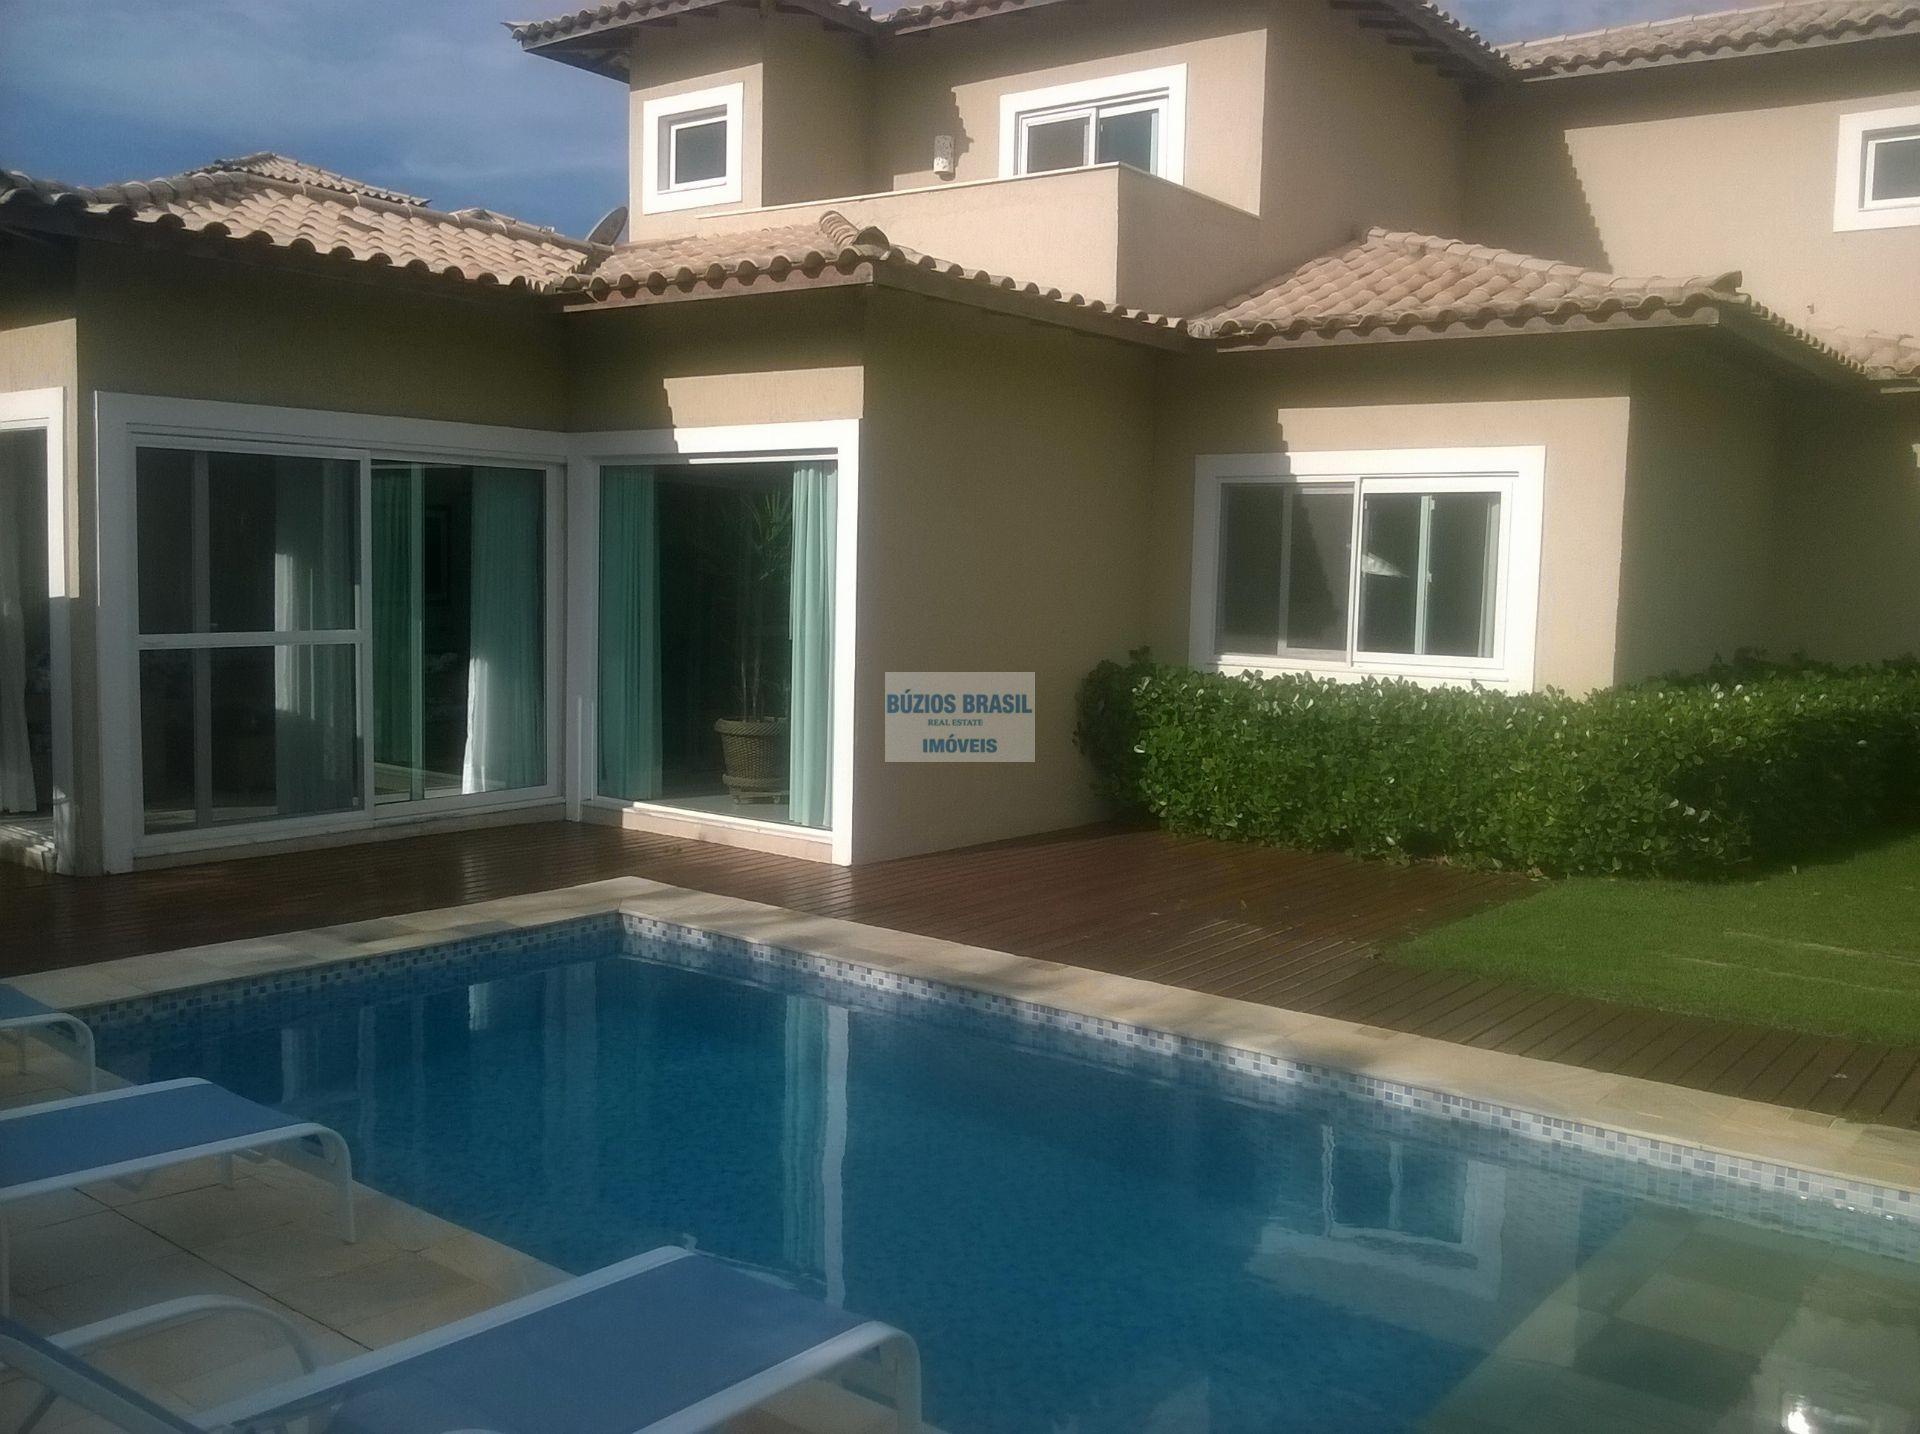 Casa em Condomínio para alugar Avenida José Bento Ribeiro Dantas,centro, Armação dos Búzios - LTC6 - 1